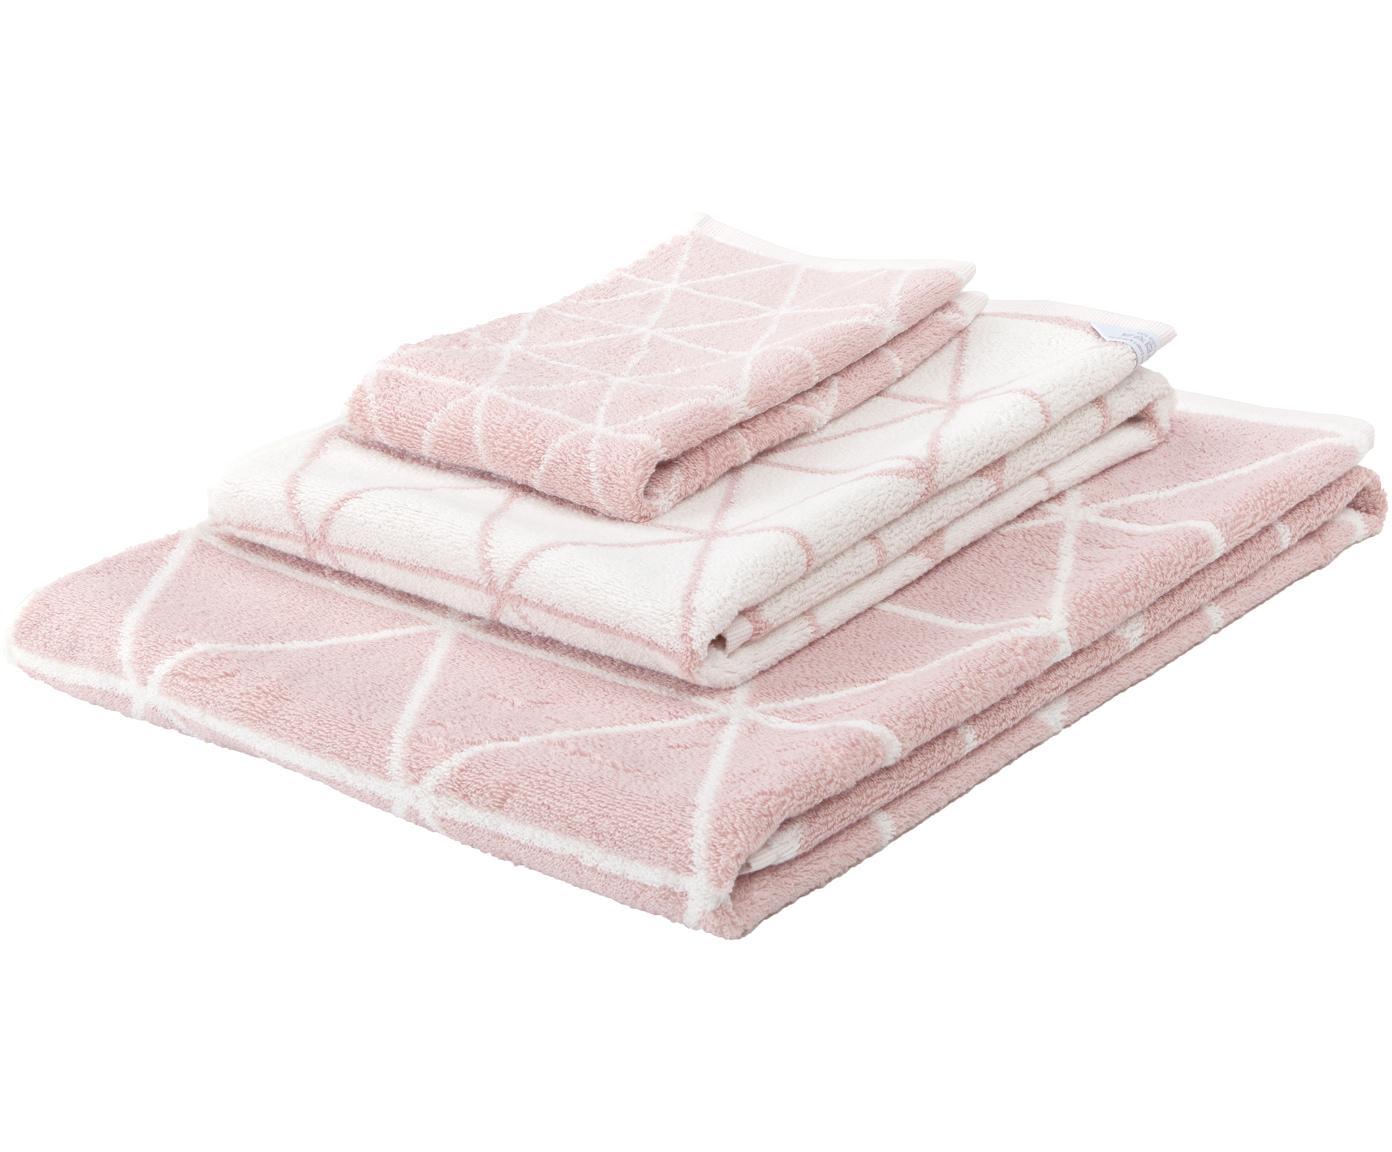 Dubbelzijdige handdoekenset Elina, 3-delig, 100% katoen, middelzware kwaliteit, 550 g/m², Roze, crèmewit, Verschillende formaten